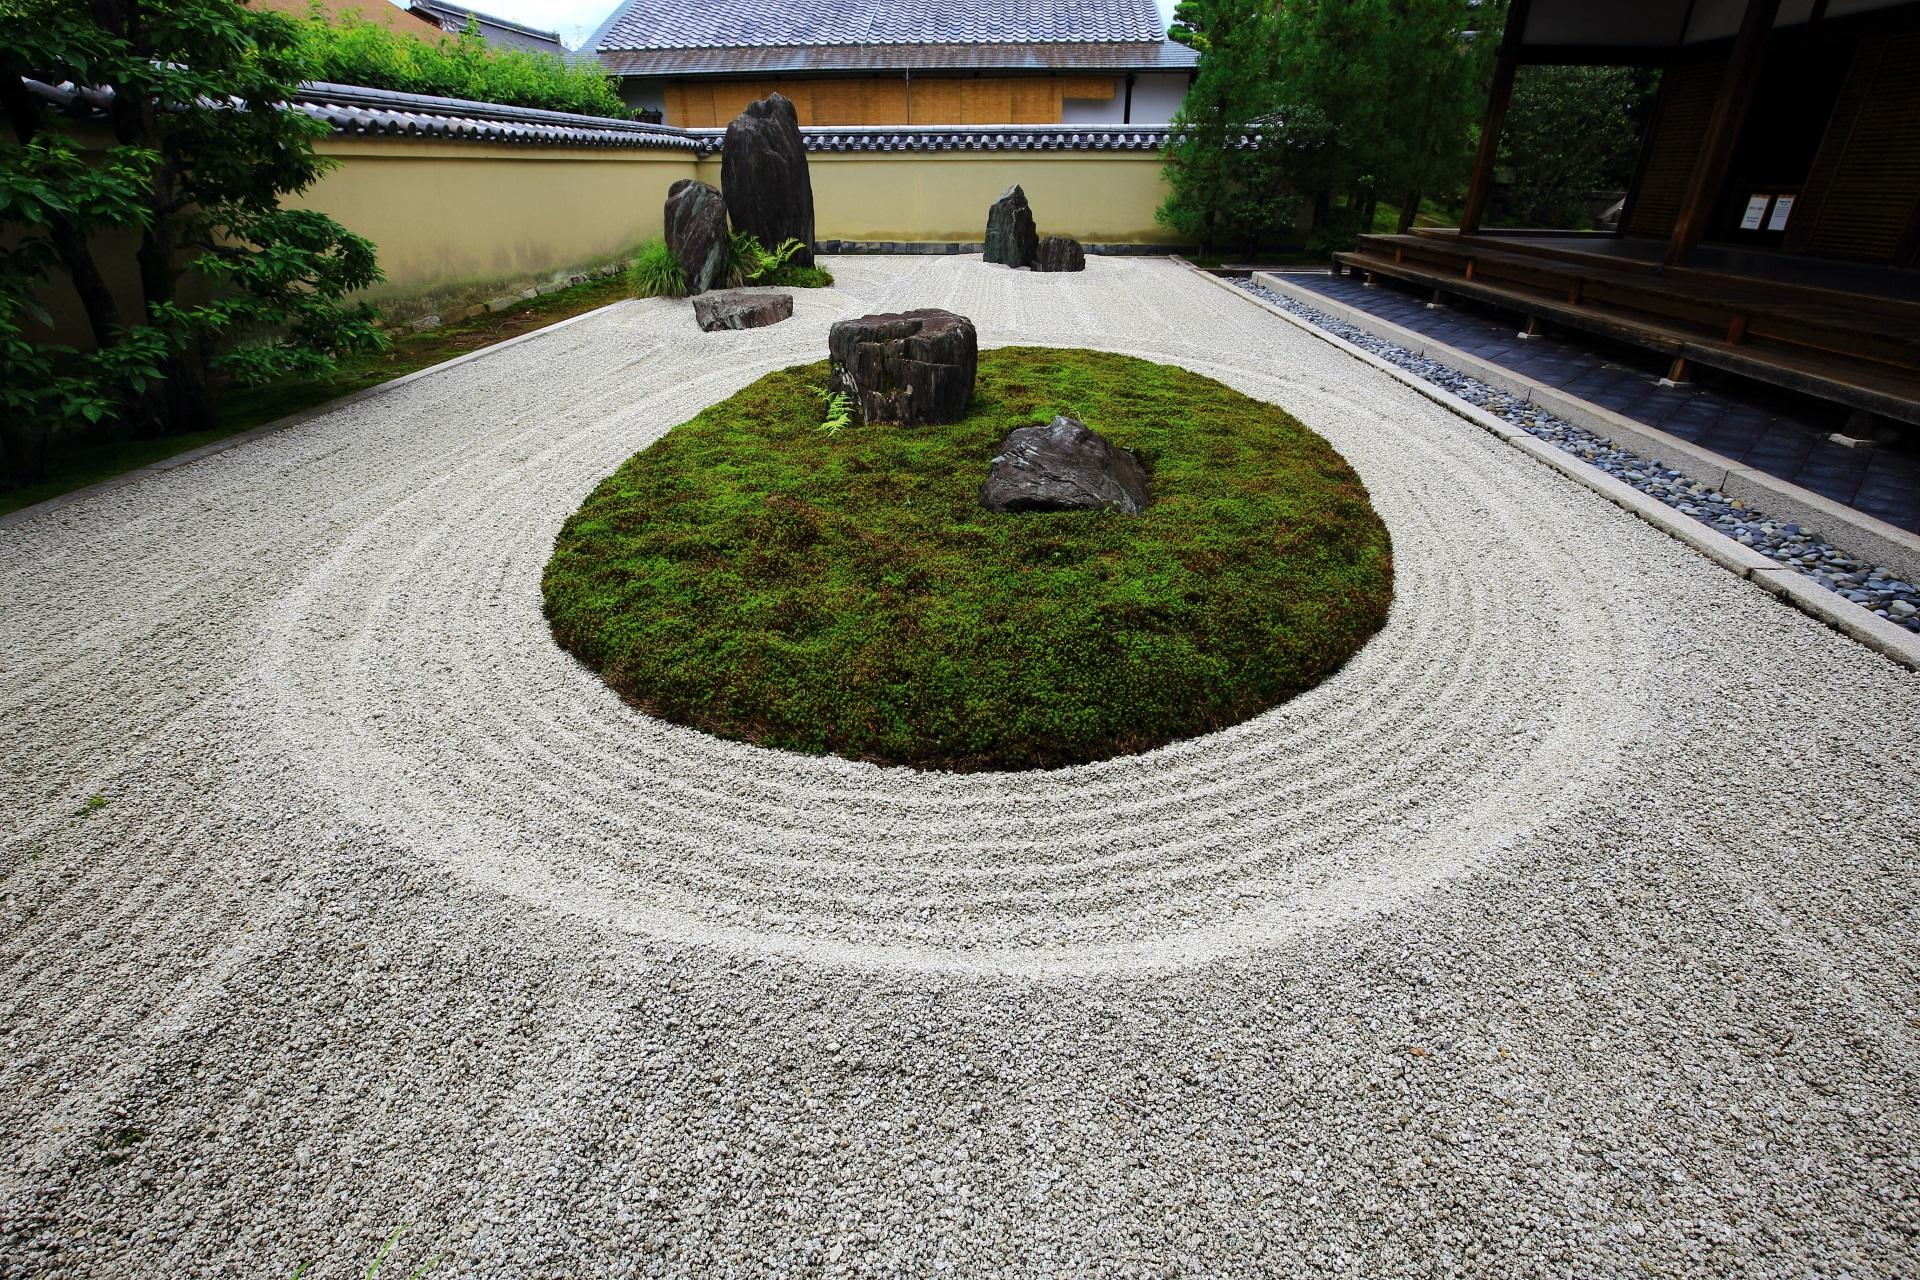 龍源院 庭園 風情と趣きある多彩な枯山水と石庭